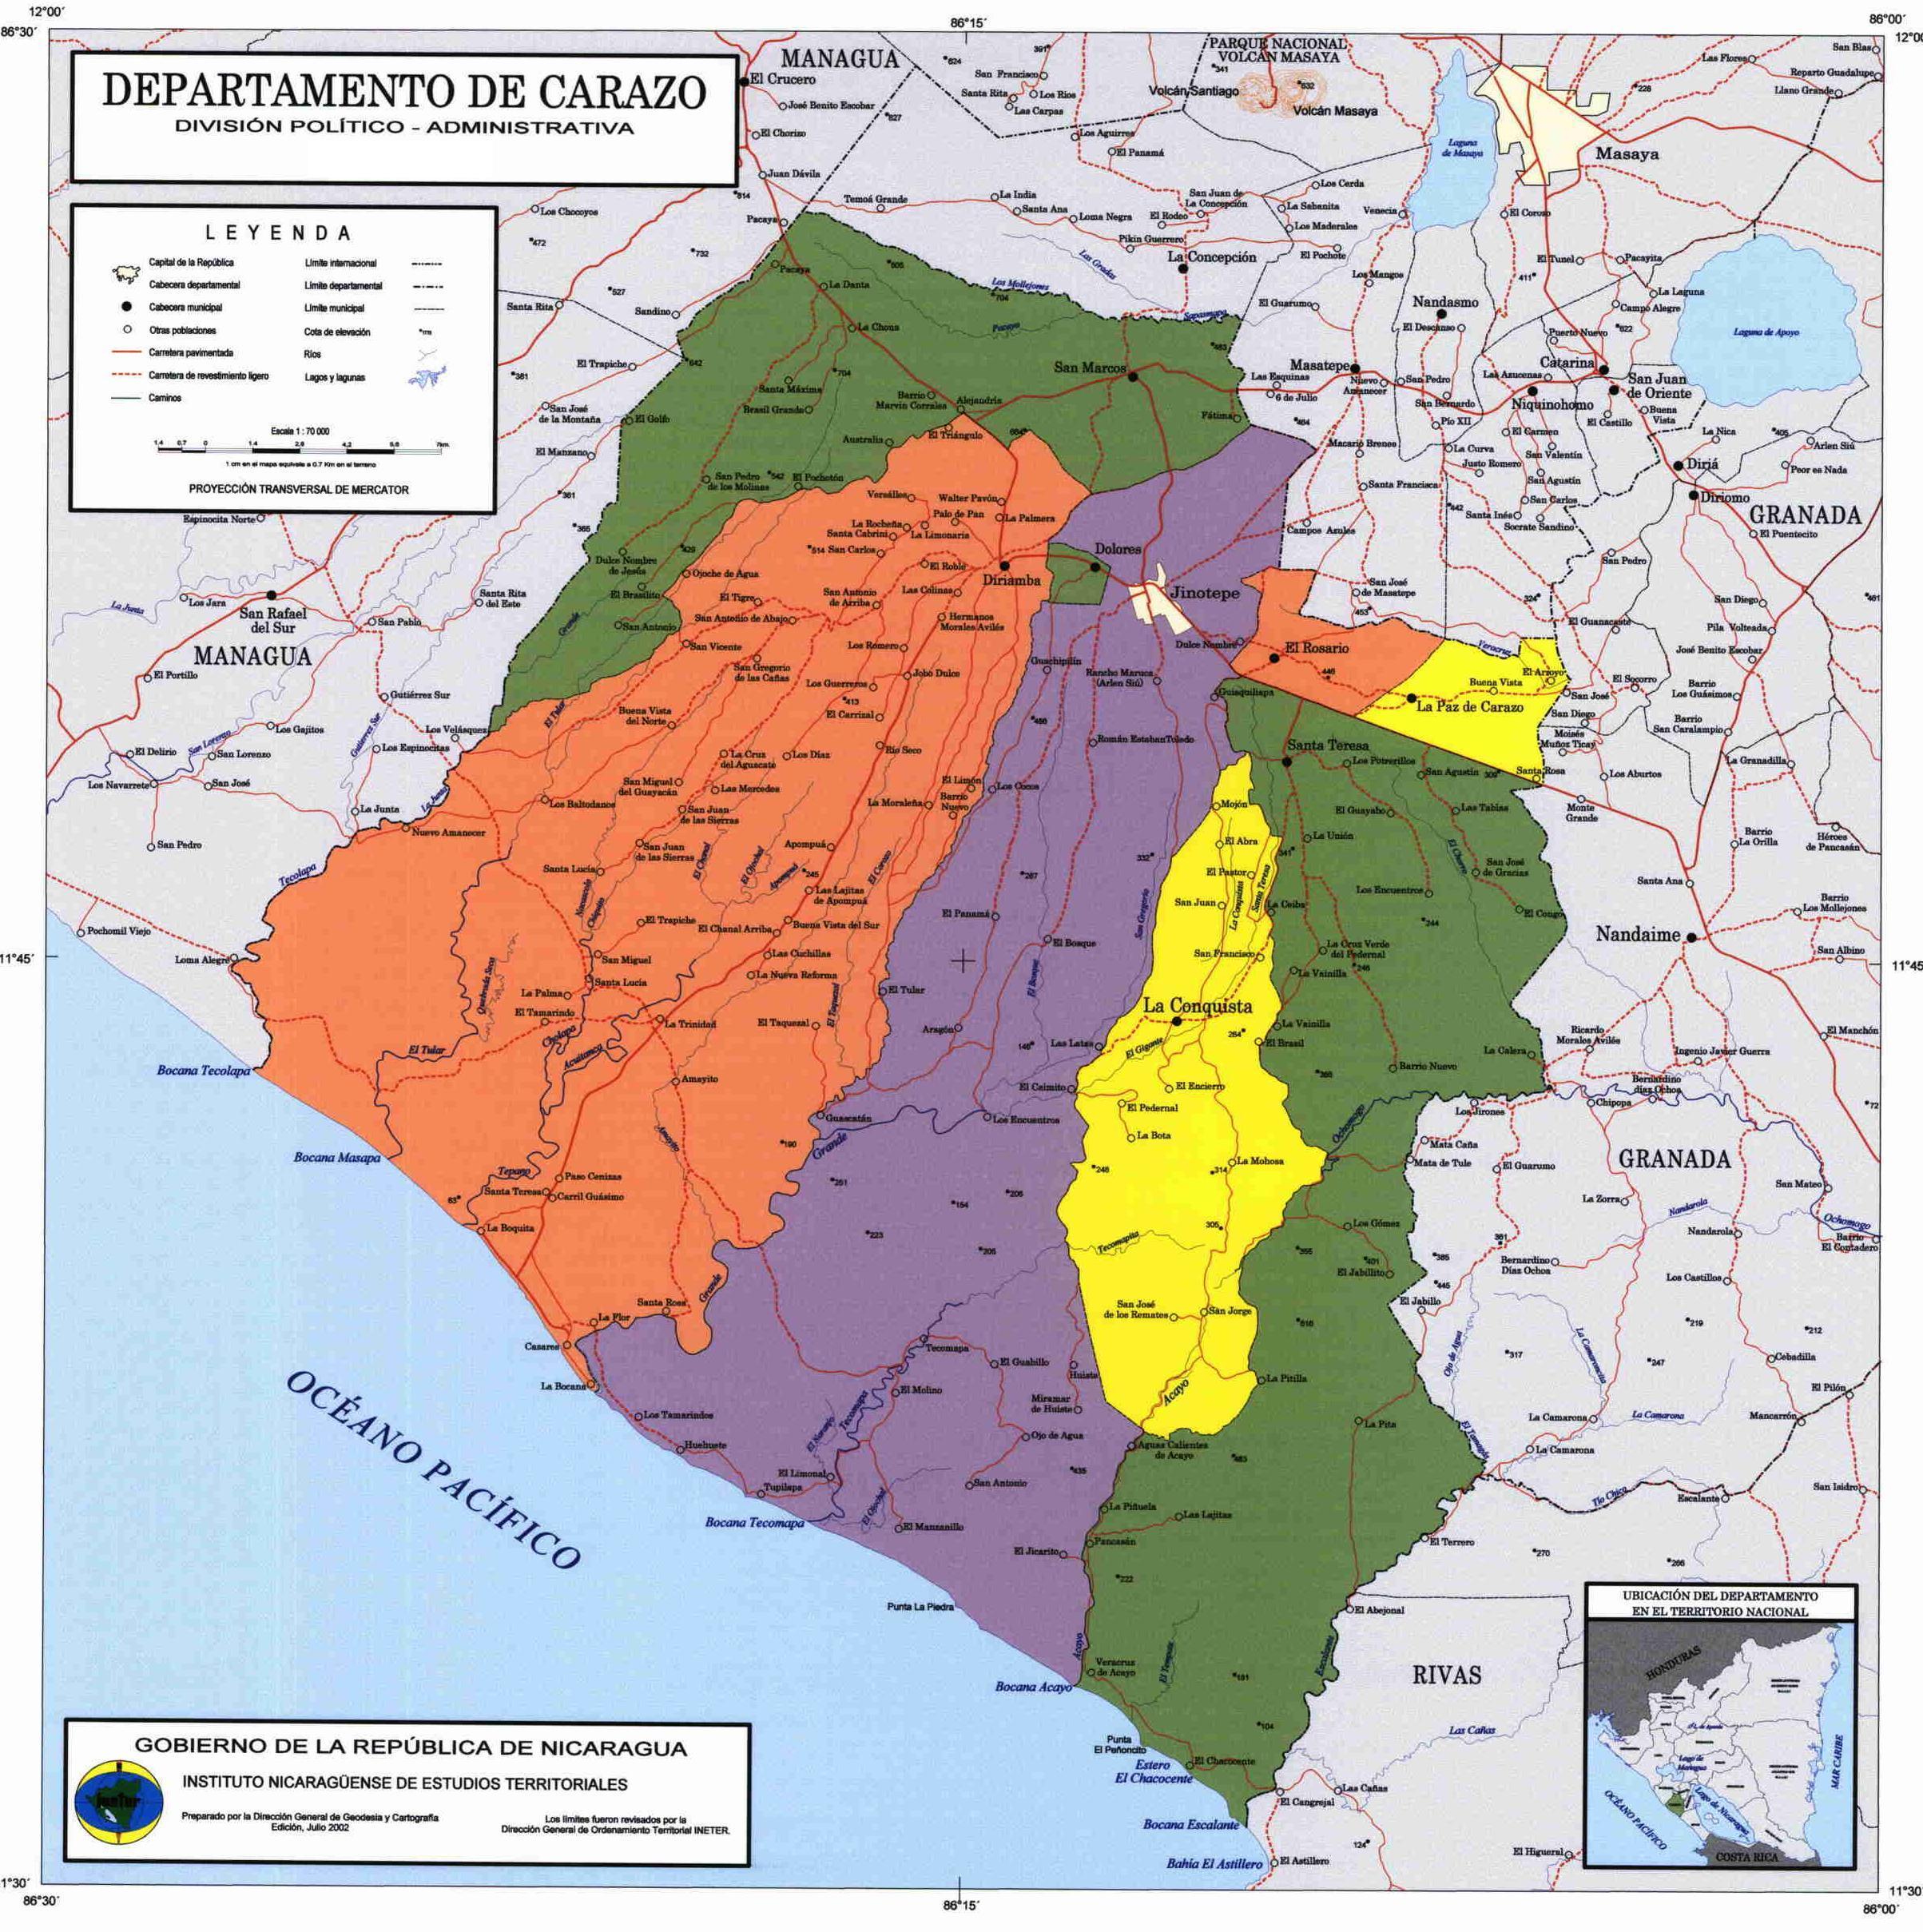 Mapa de Carazo, División Político-Administrativa del Departamento, Nicaragua